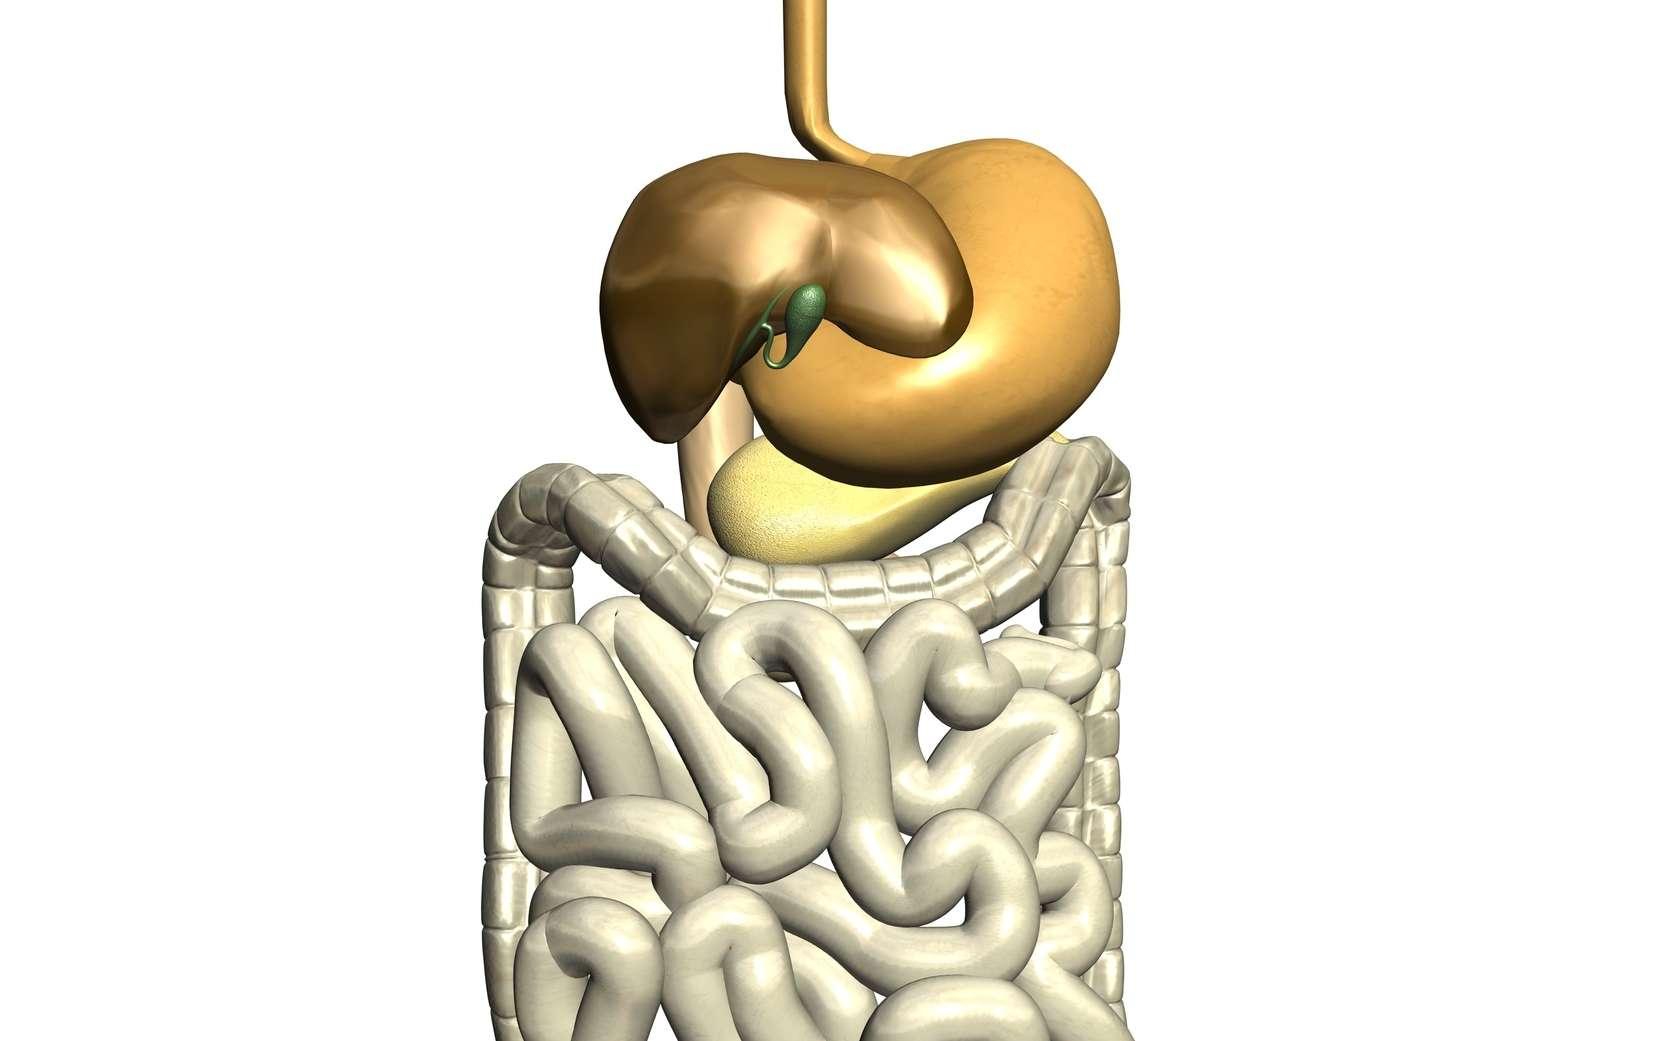 L'âge moyen de survenue d'un cancer de l'estomac est de 70 ans. © Ericos - Fotolia